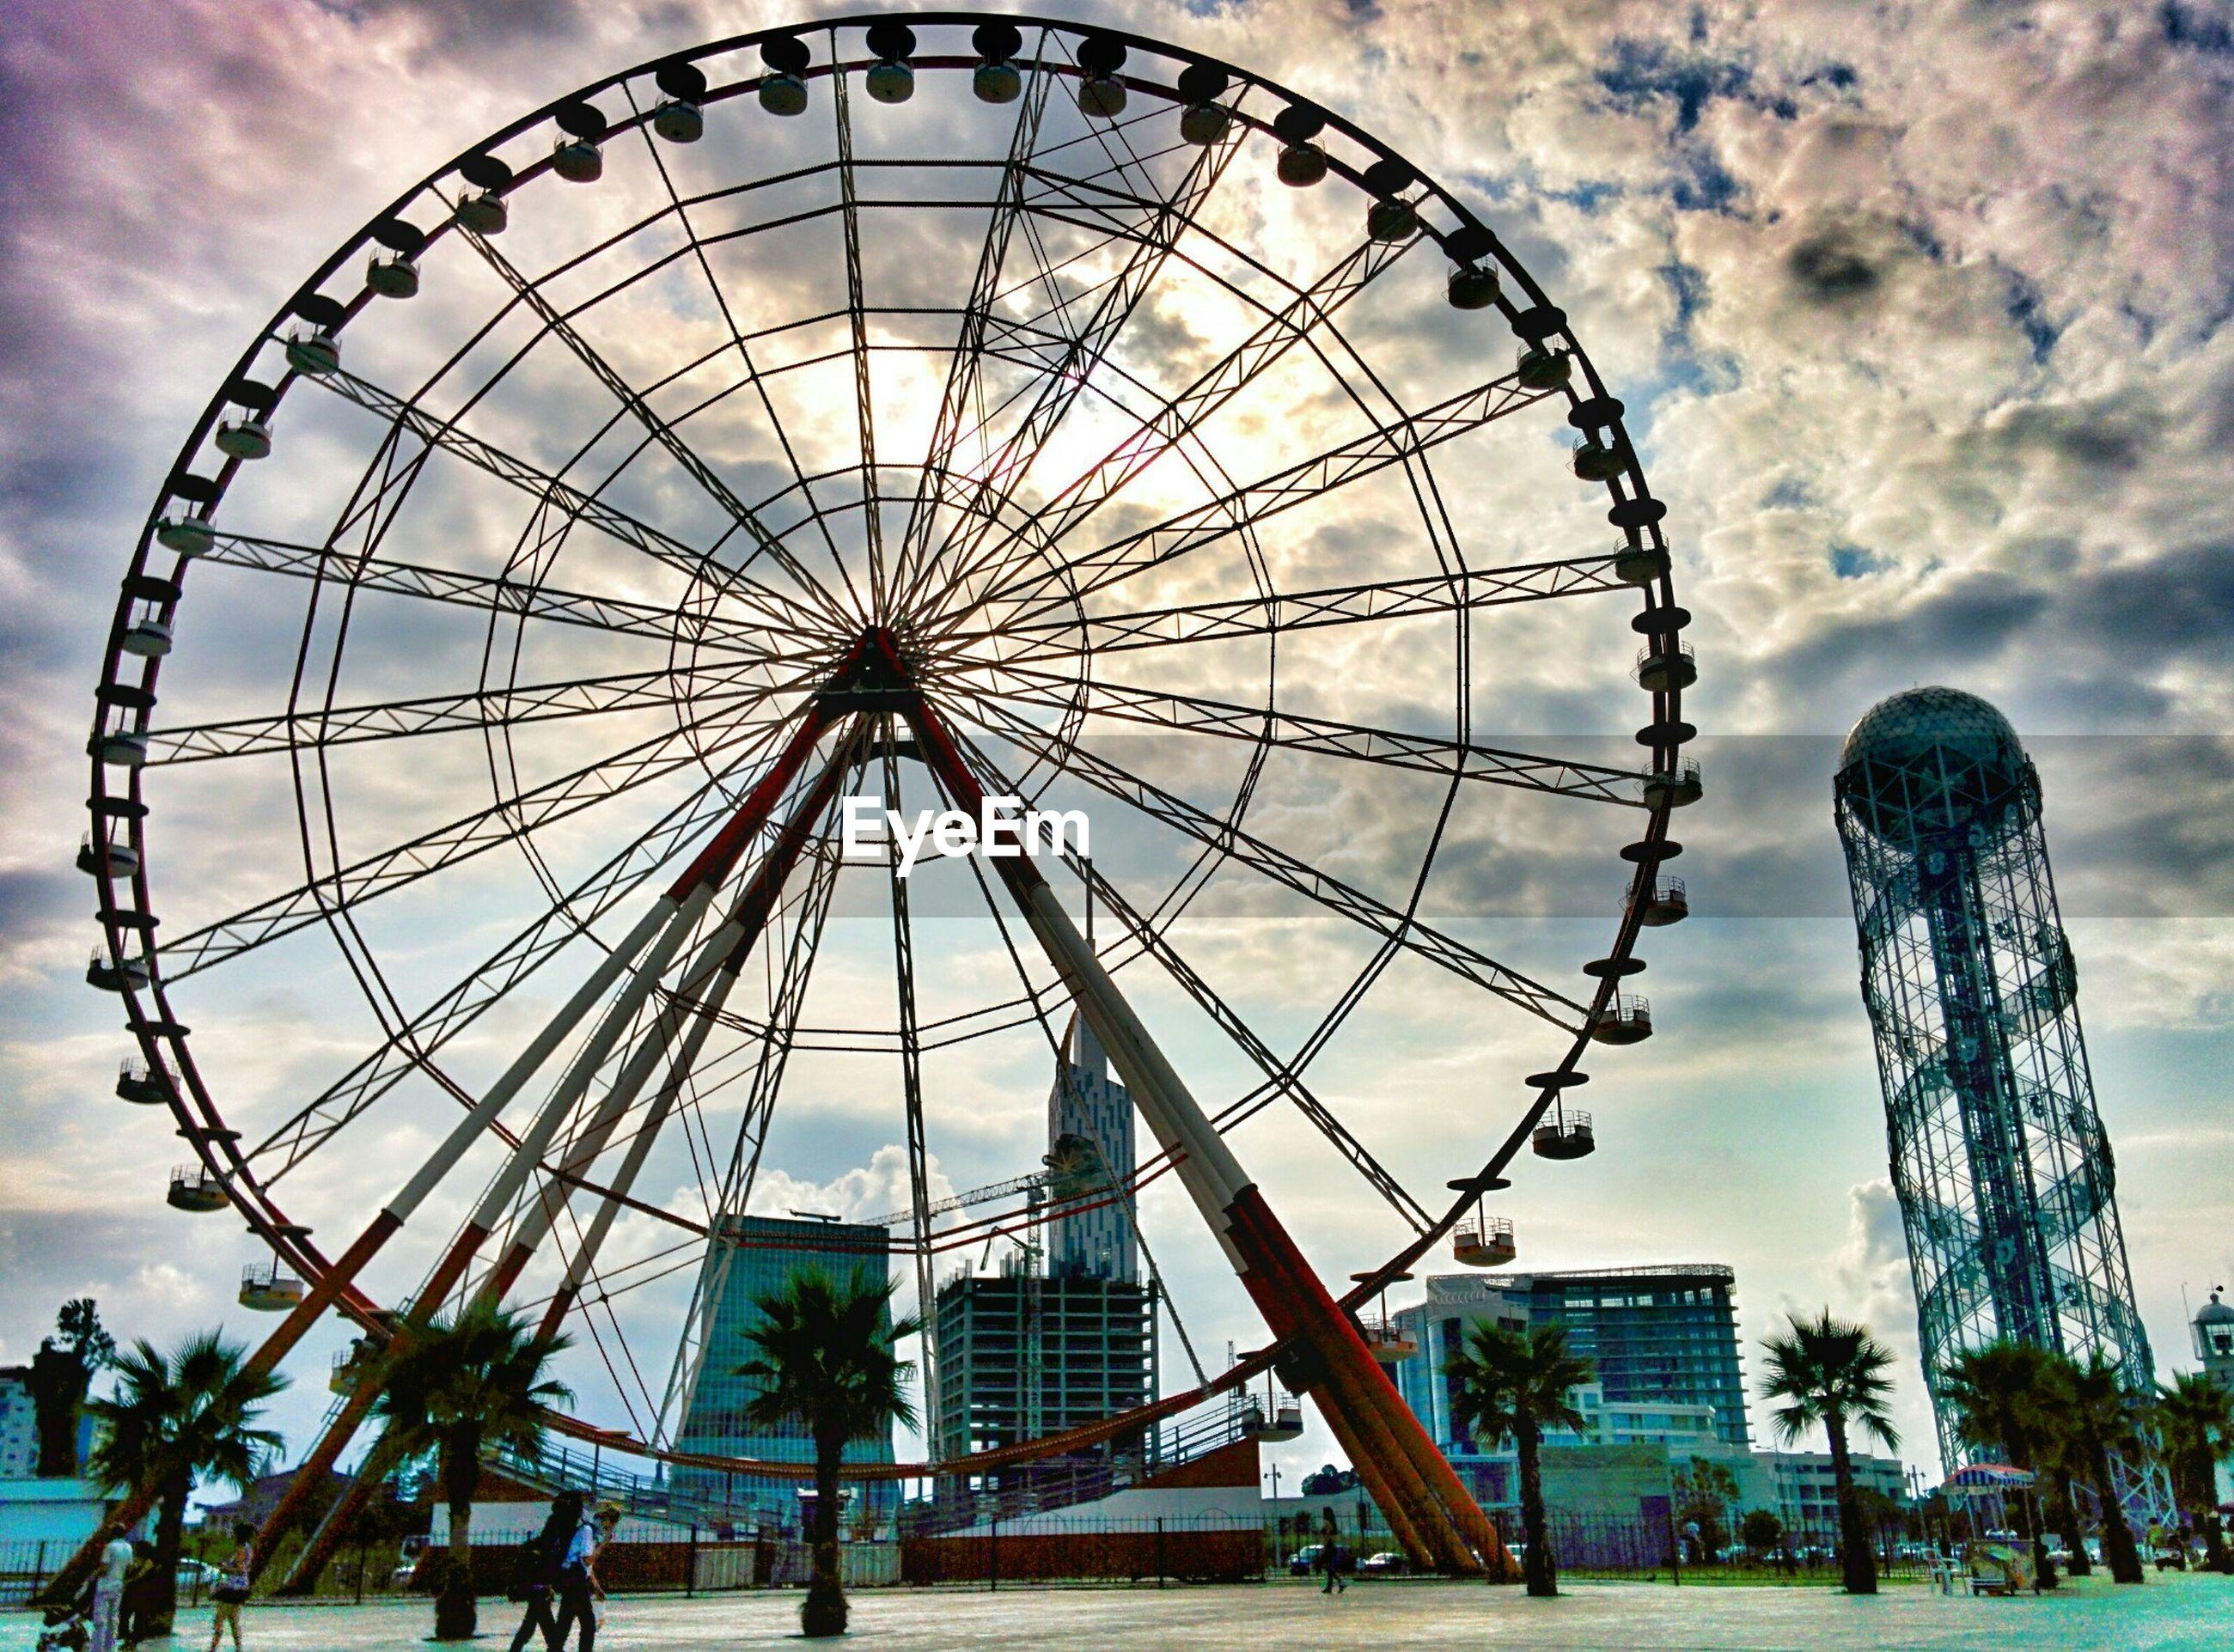 Huge ferris wheel against cloudy sky